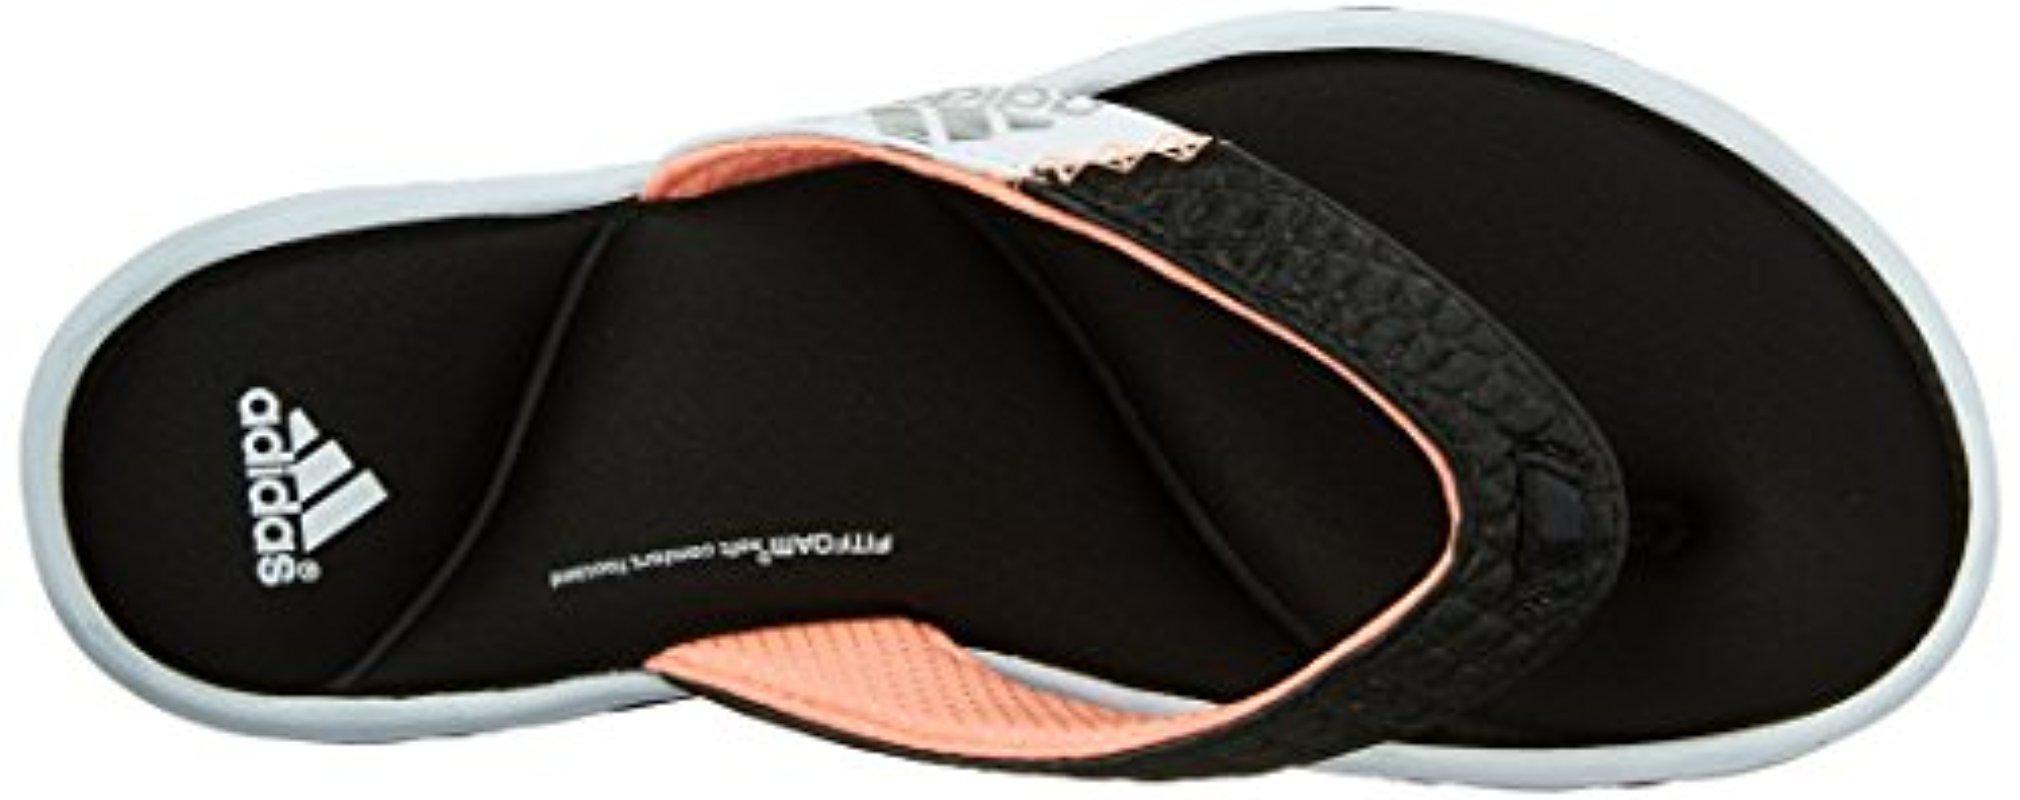 1e02e140e Lyst - adidas Originals Adidas Performance Anyanda Flex W Athletic ...